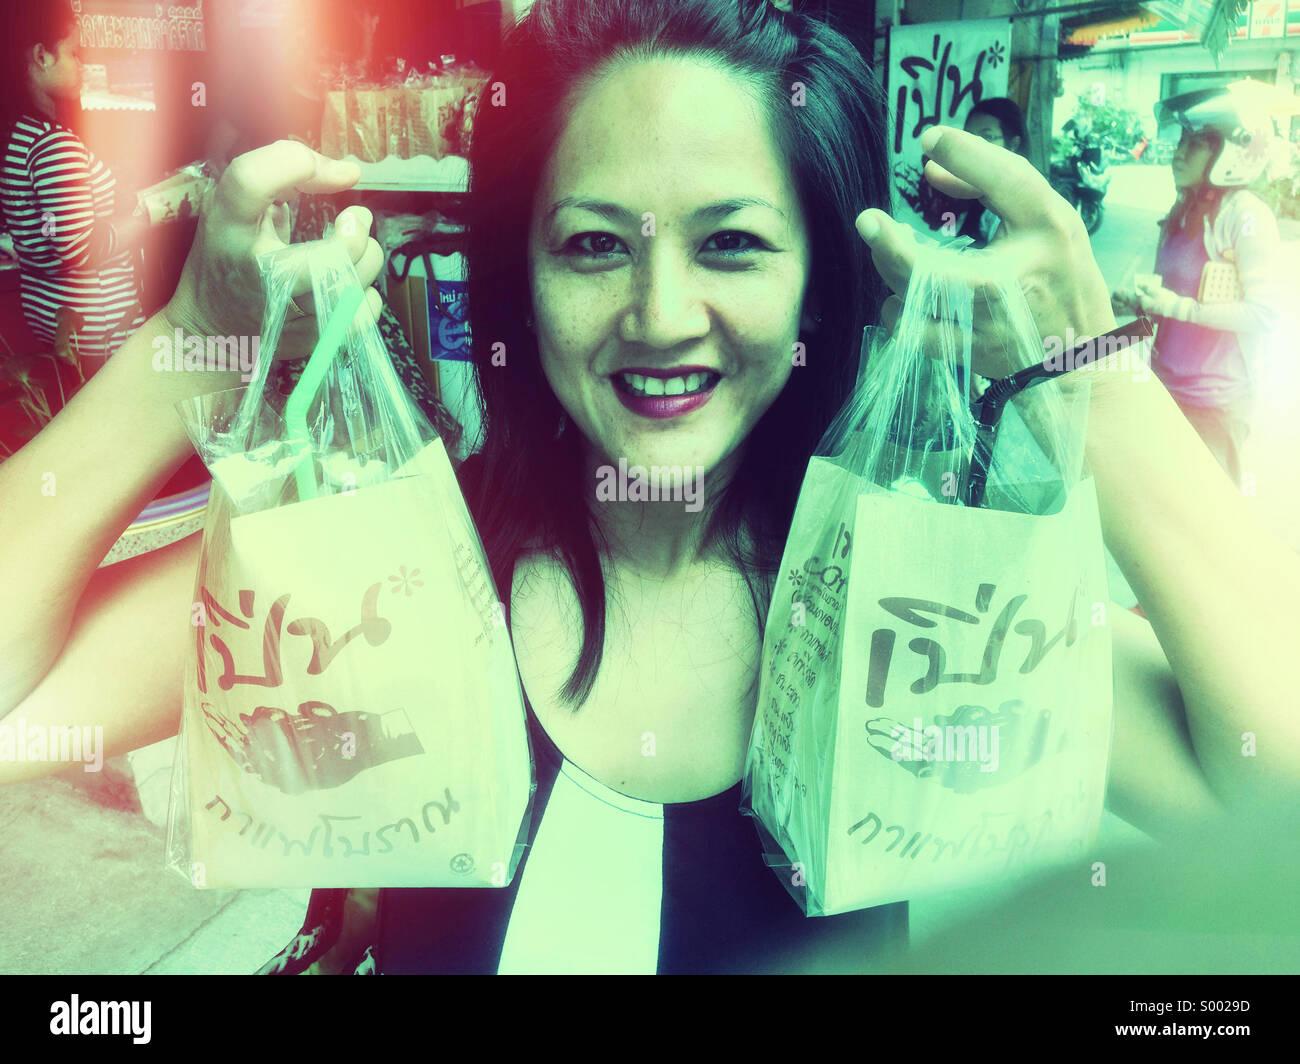 La Thaïlande Thai girl Achat de café. Photo Stock